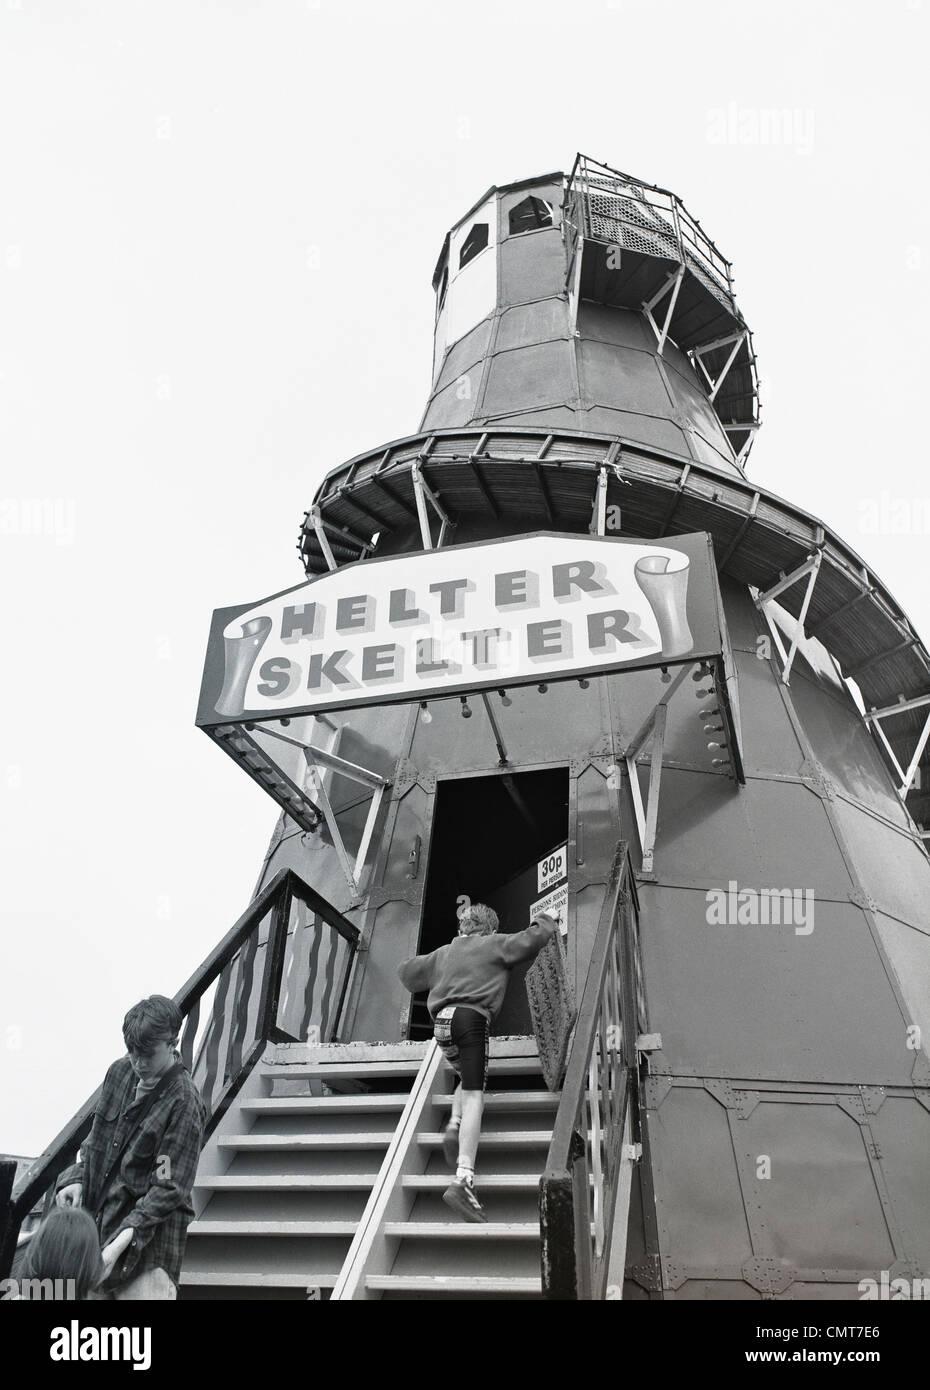 Eine Helter Skelter Jahrmarktsattraktion gebräuchlich in den 1980er Jahren - Schären, County Dublin, Irland Stockbild